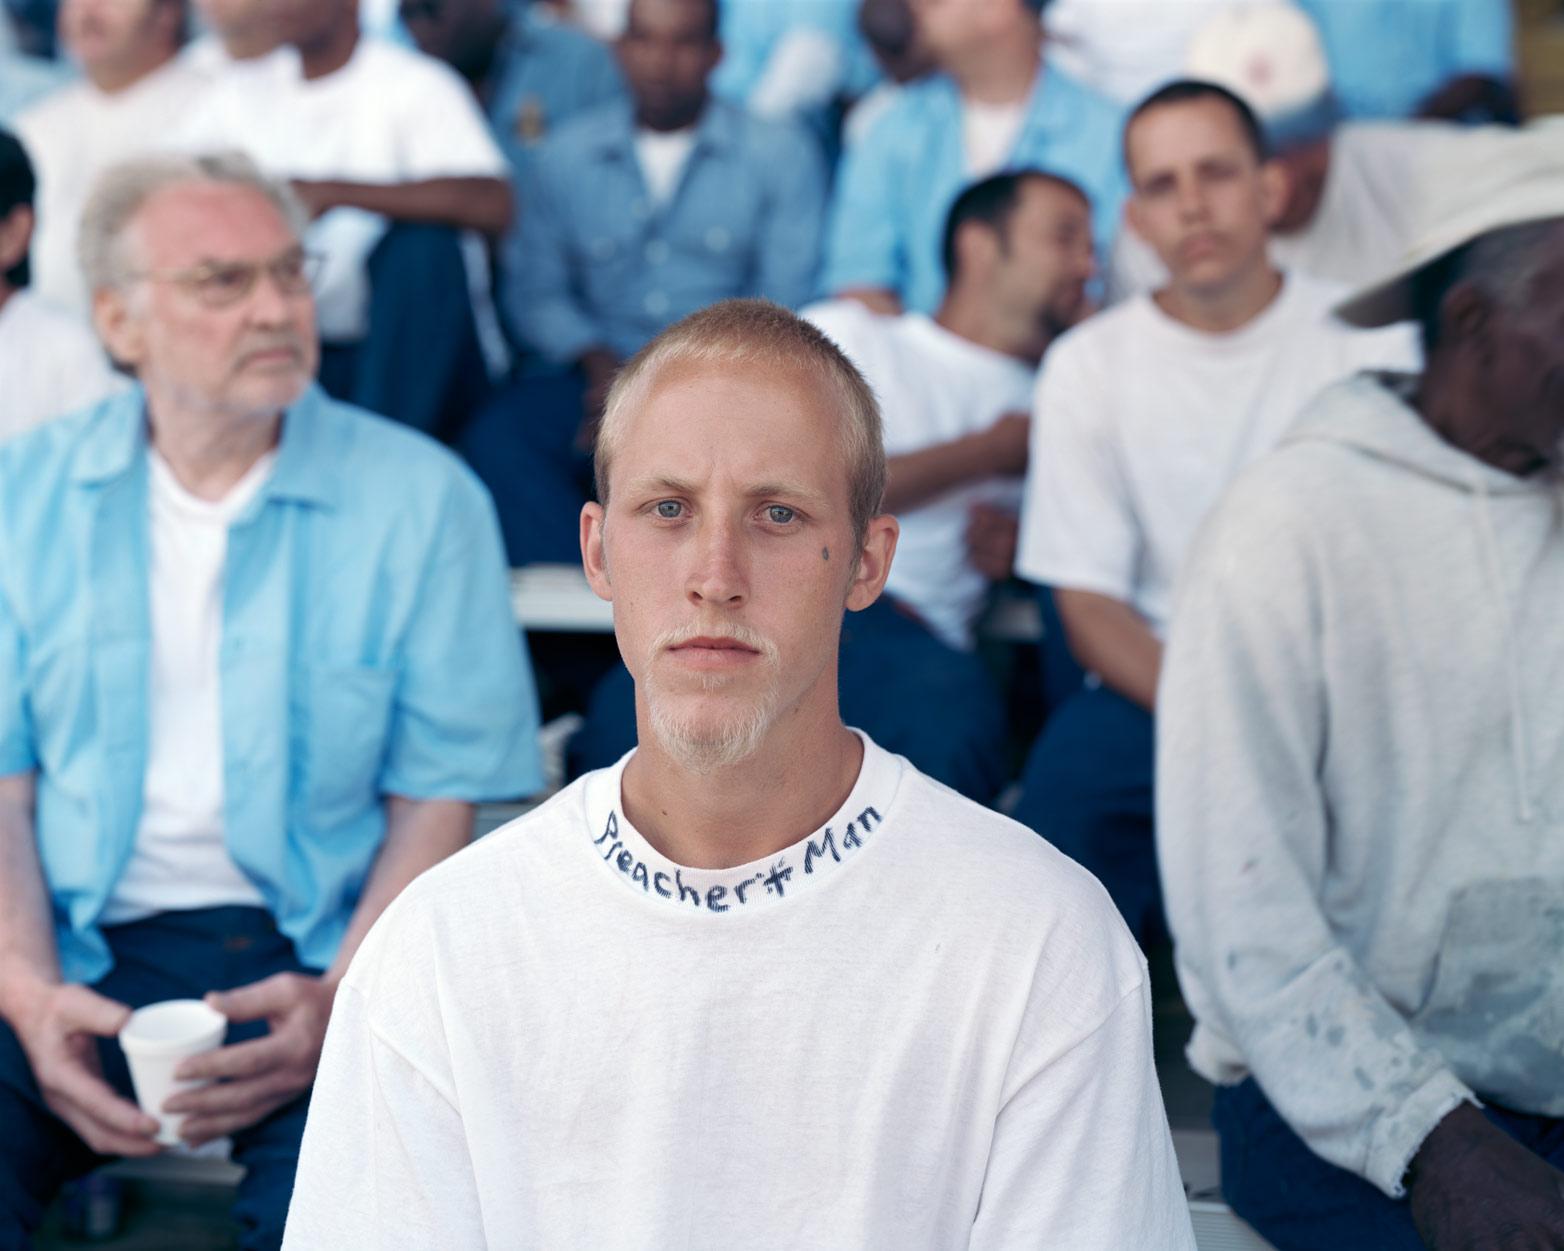 Joshua, Angola State Prison, LA, 2002